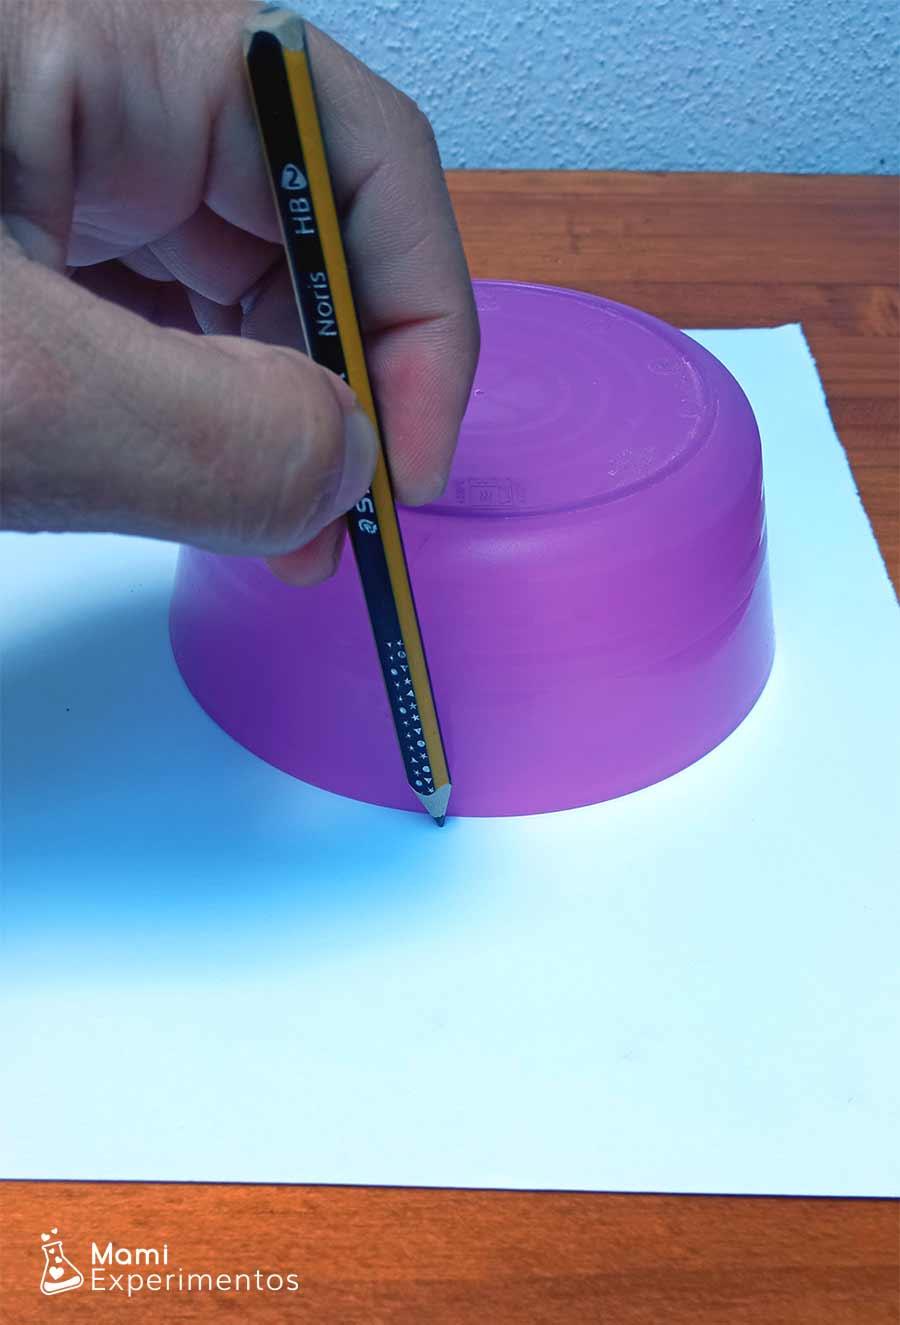 Creando circunferencia para juguete de ilusión óptica sobre verano